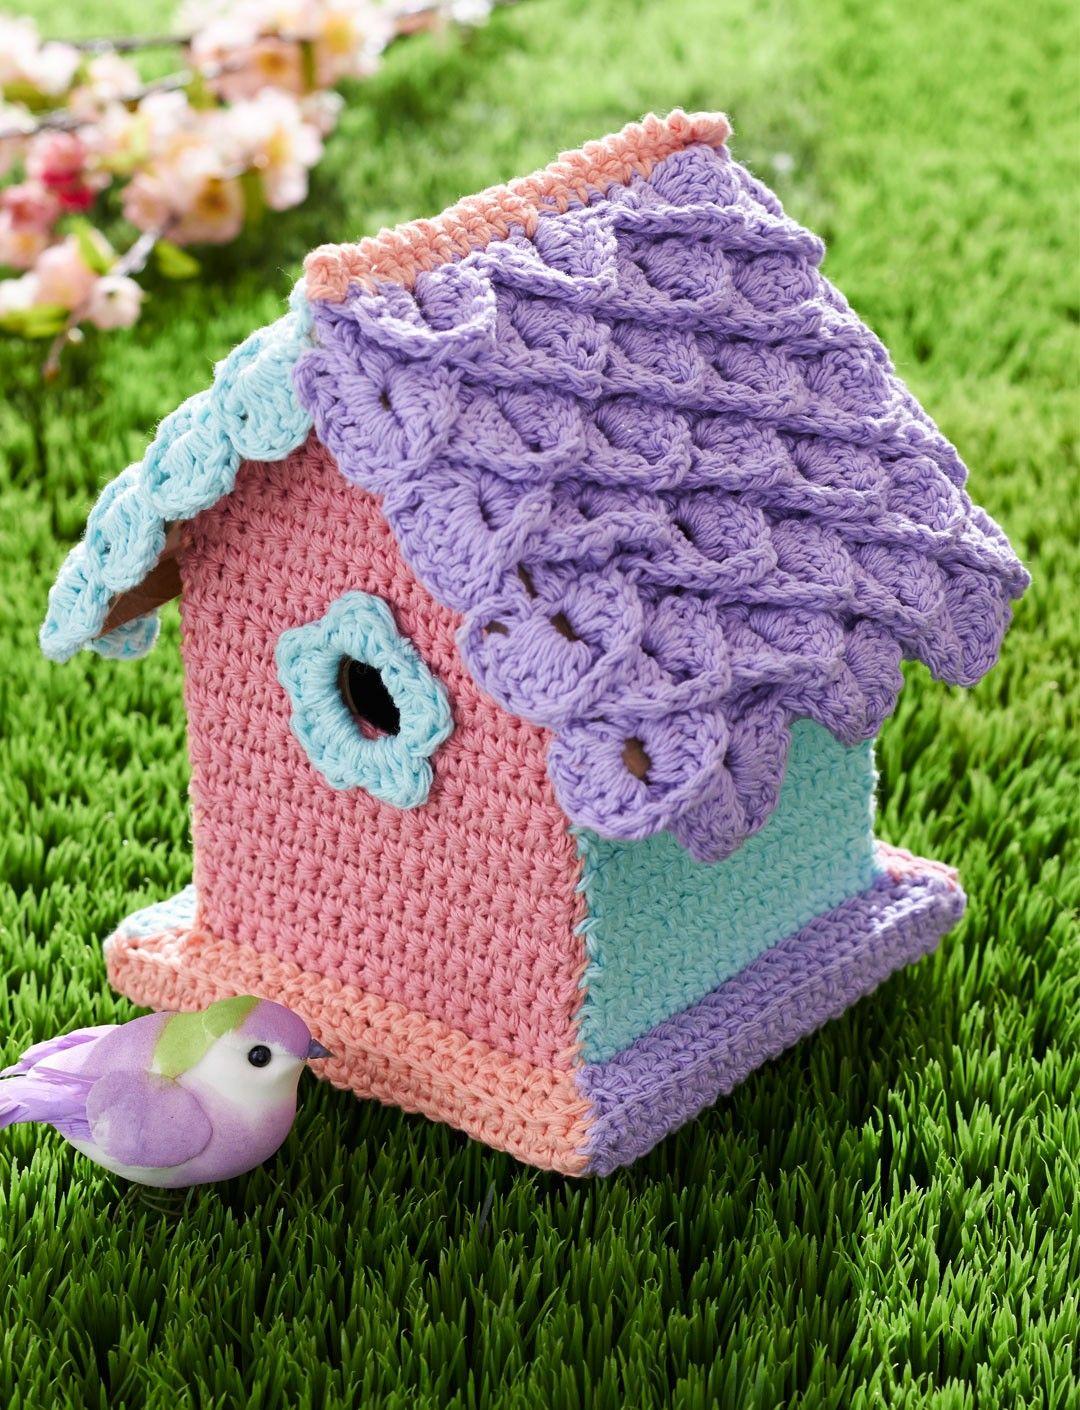 Yarn Bombed Birdhouse: free crochet pattern | Crochet Coasters ...